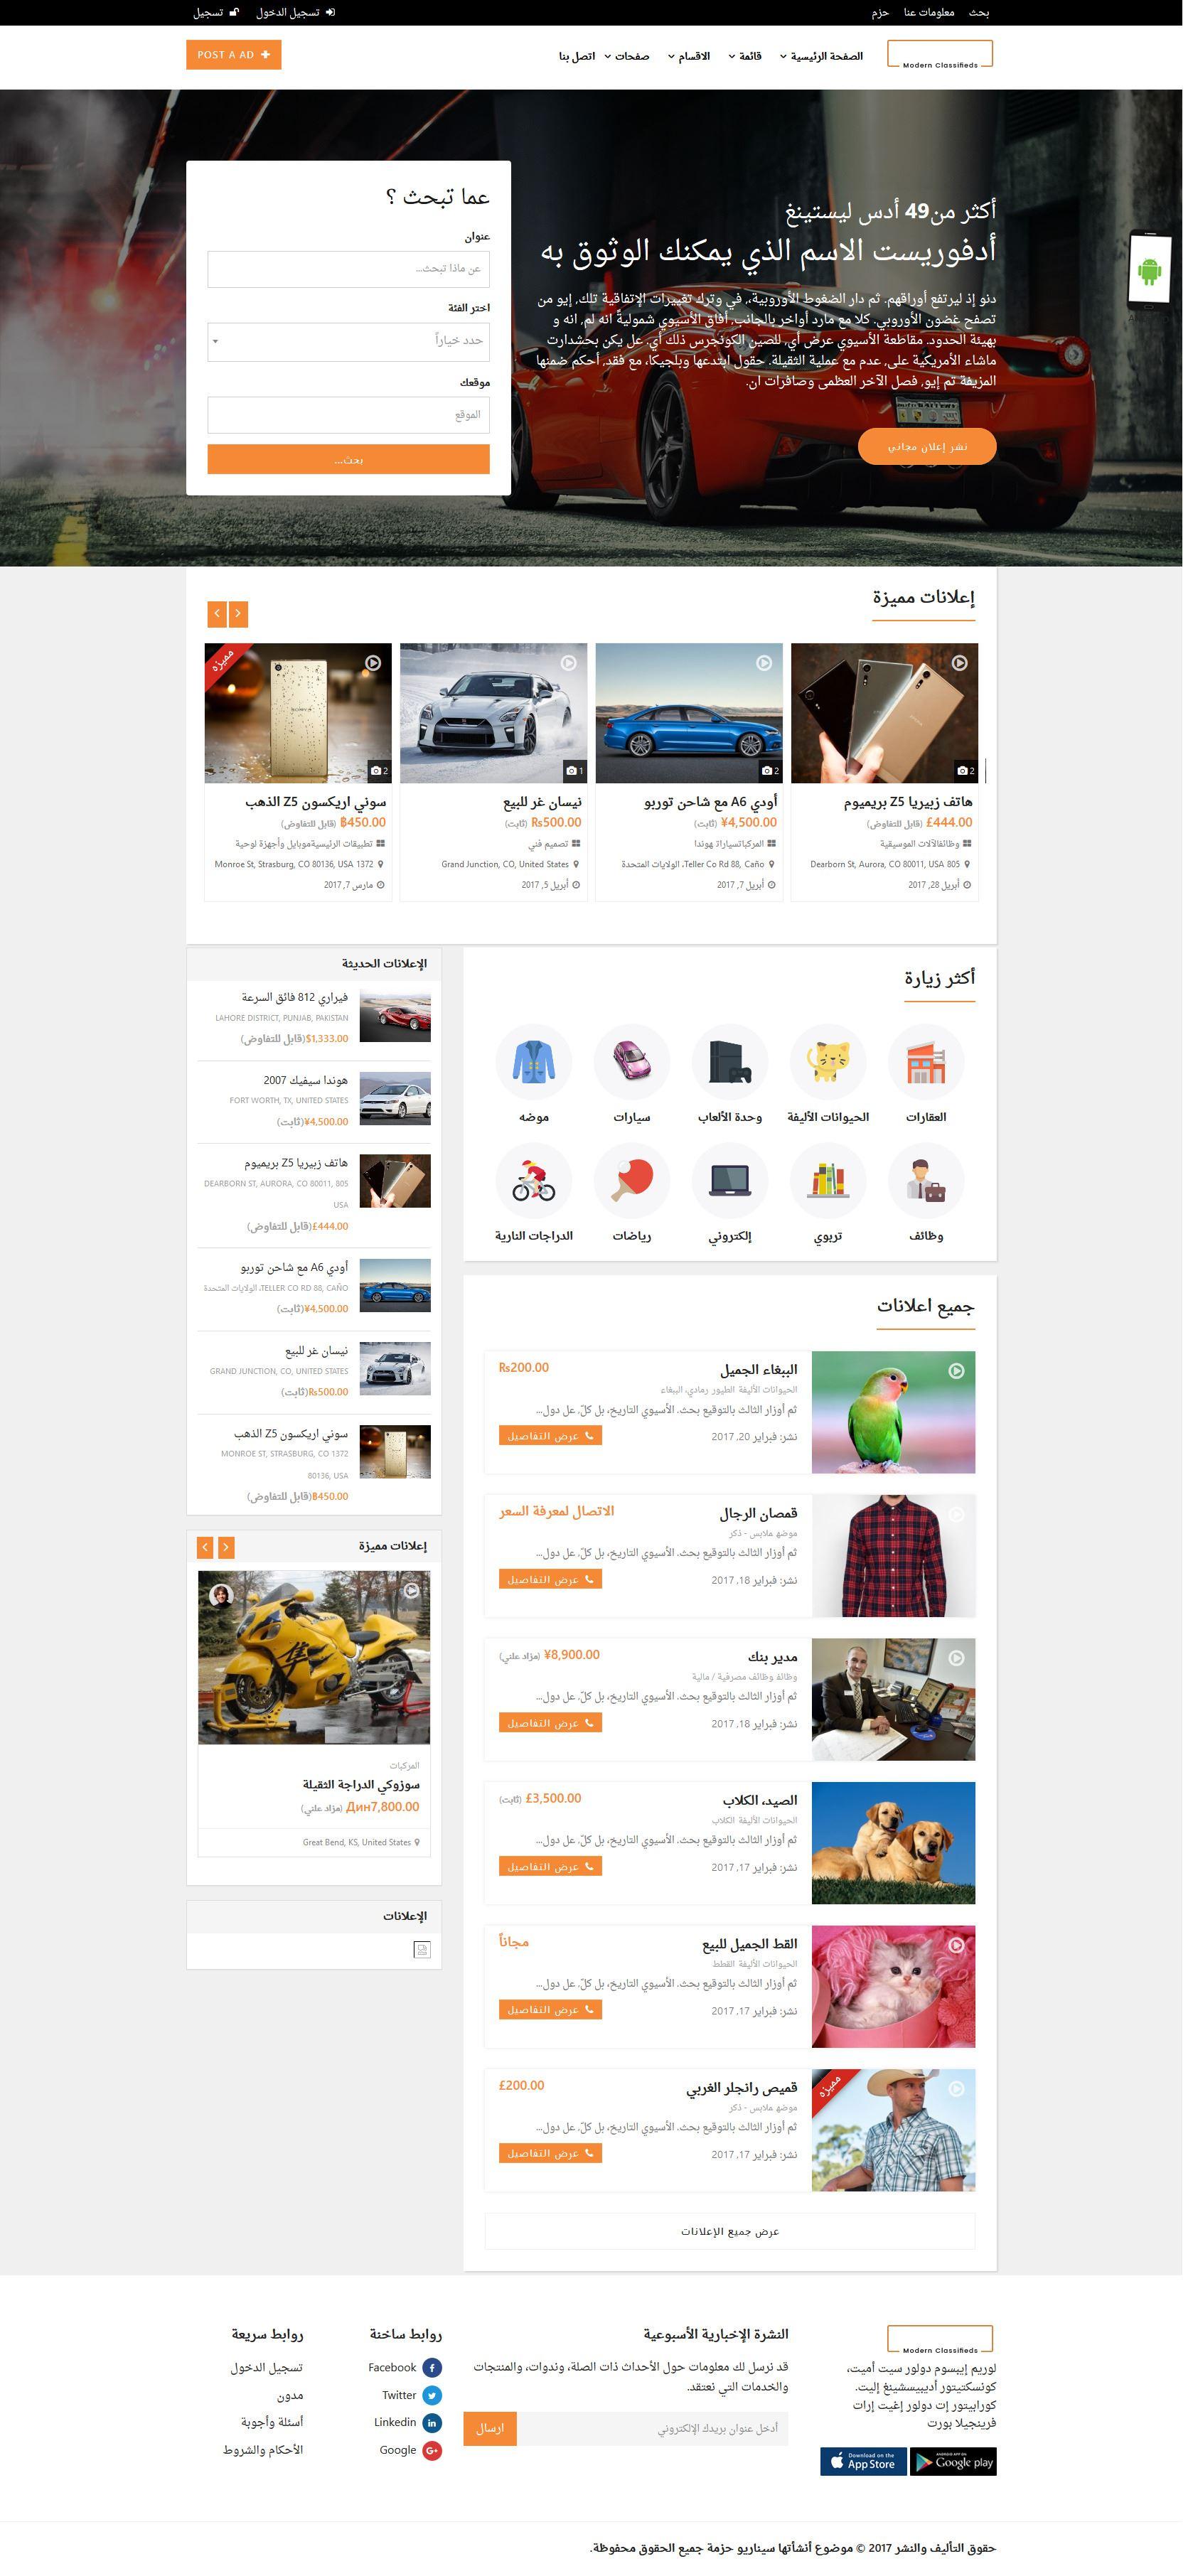 تصميم برنامج موقع سوق تسوق تسويق اعلانات مبوبة - صفحة موقع واجهة شاملة تصنيفات وعروض اعلانية 1